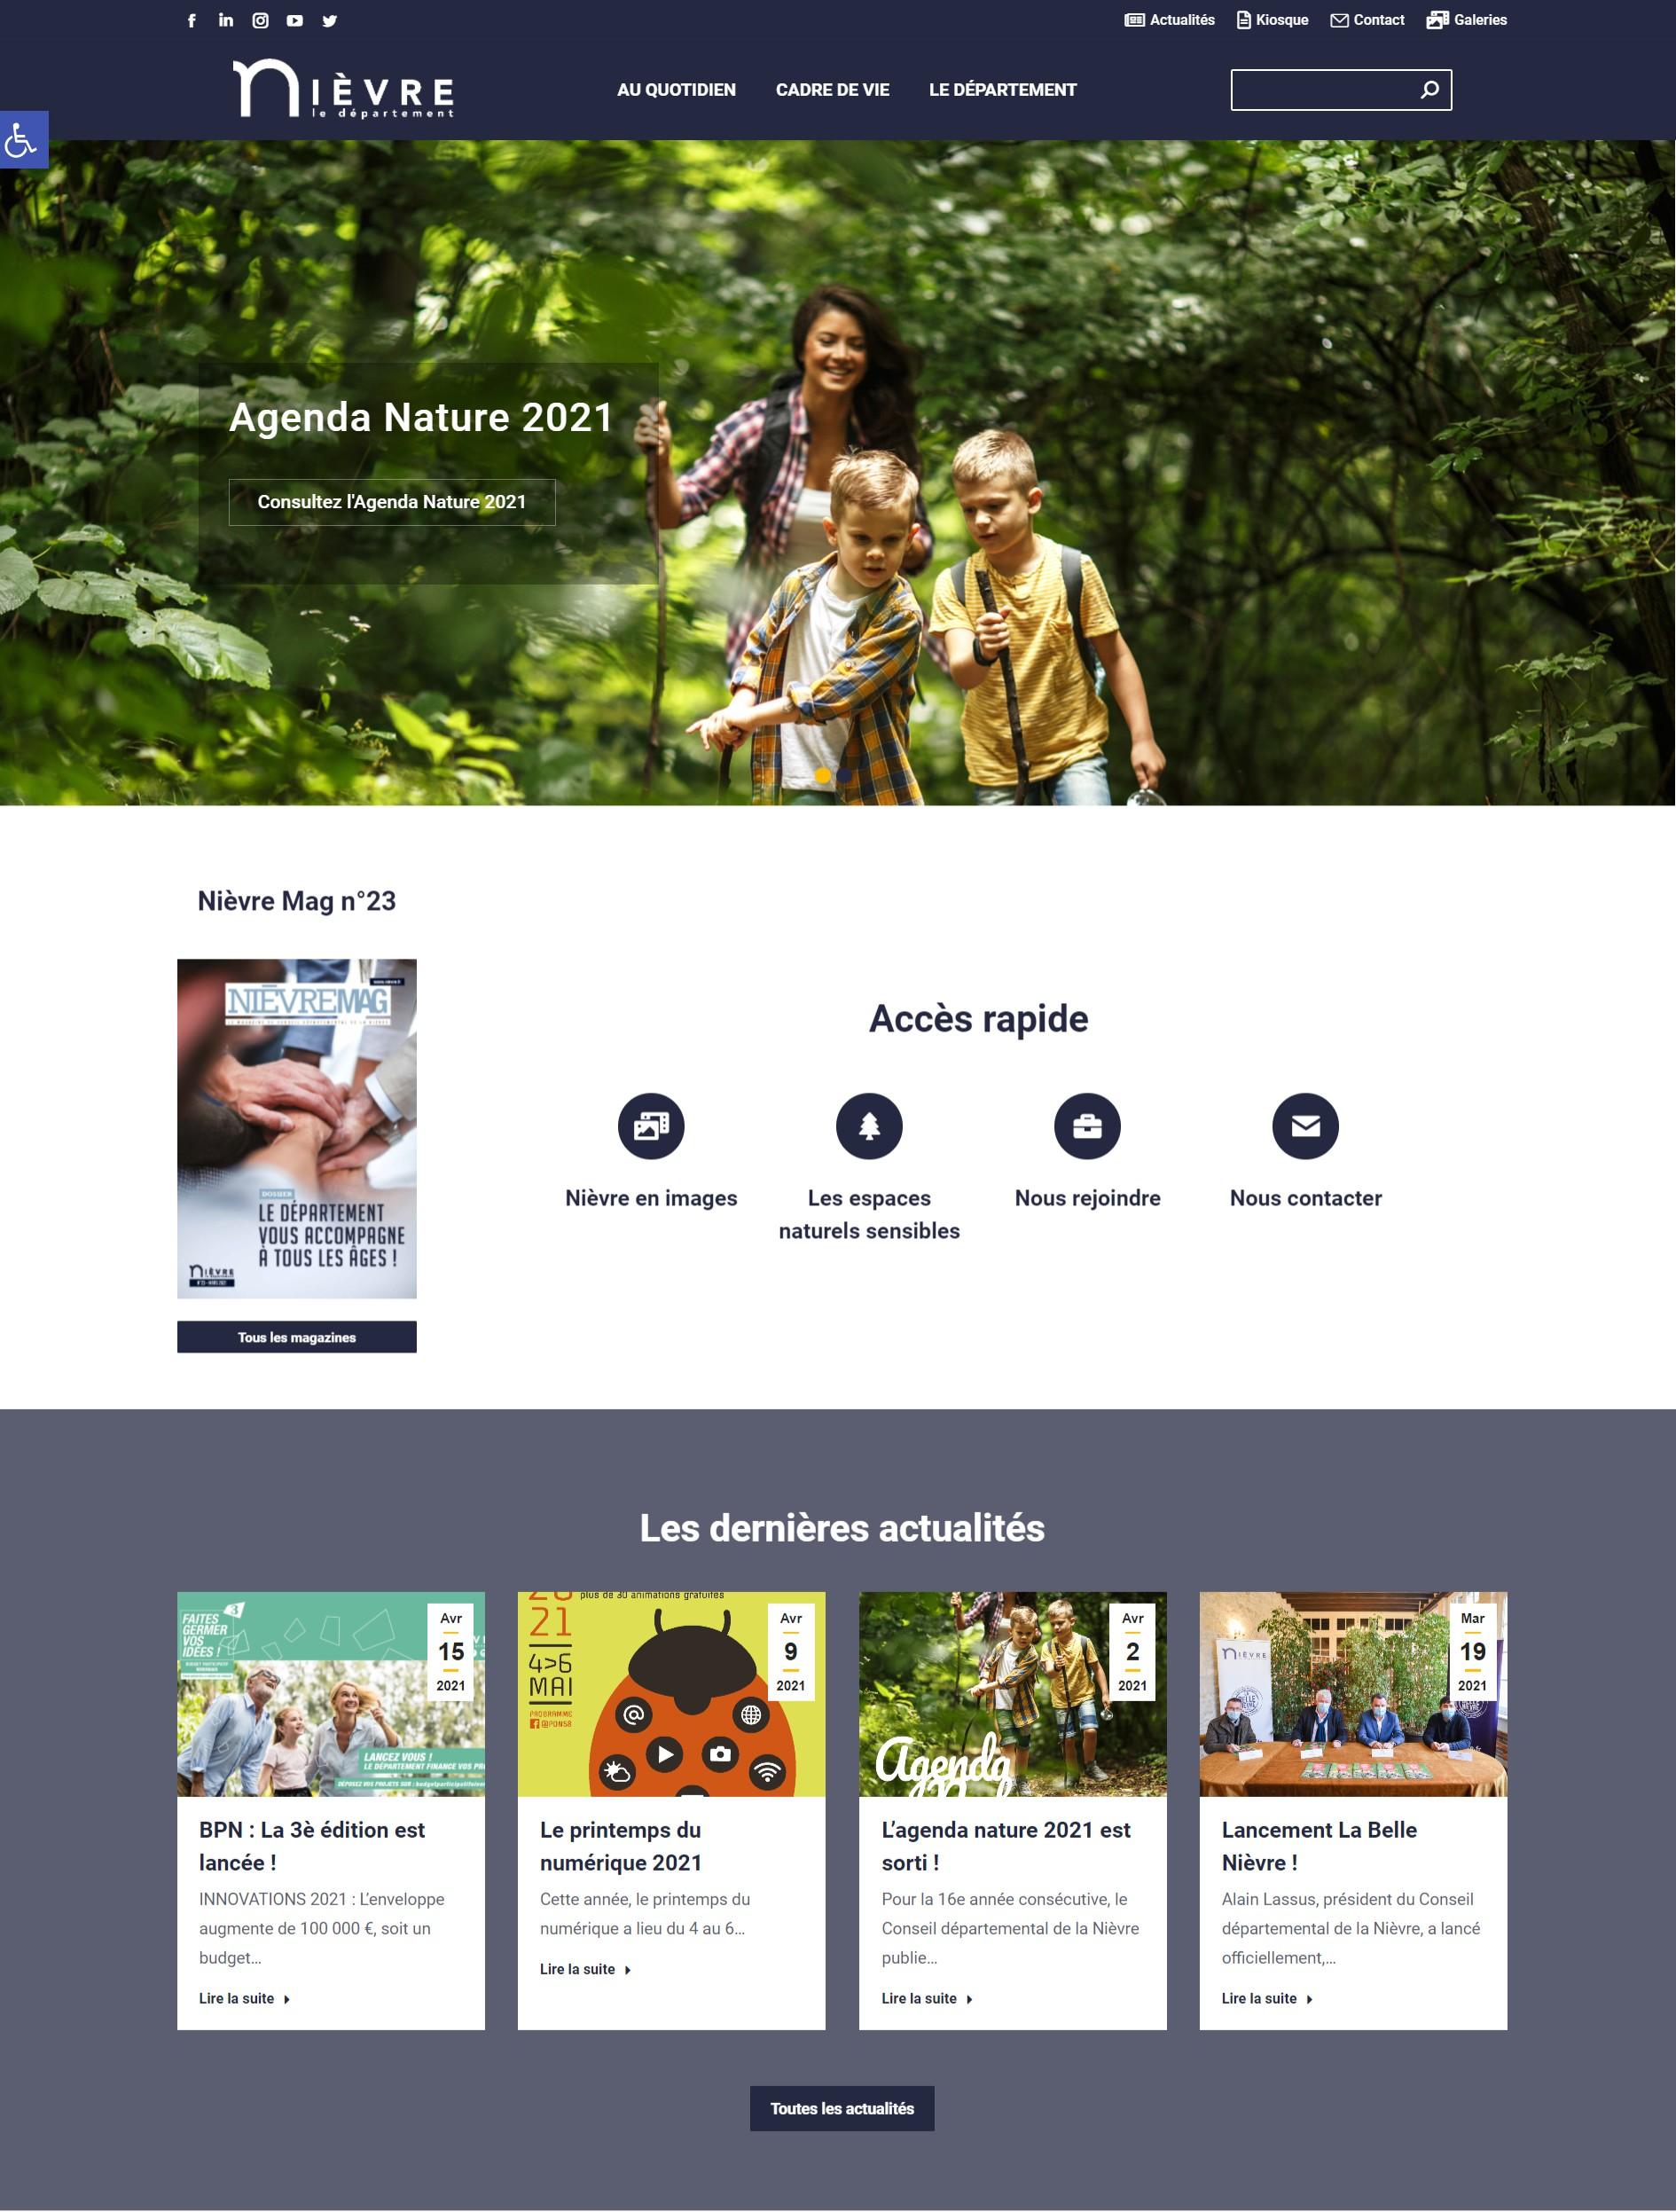 Capture d'écran de la nouvelle version du site Nievre.fr le 01/05/2021